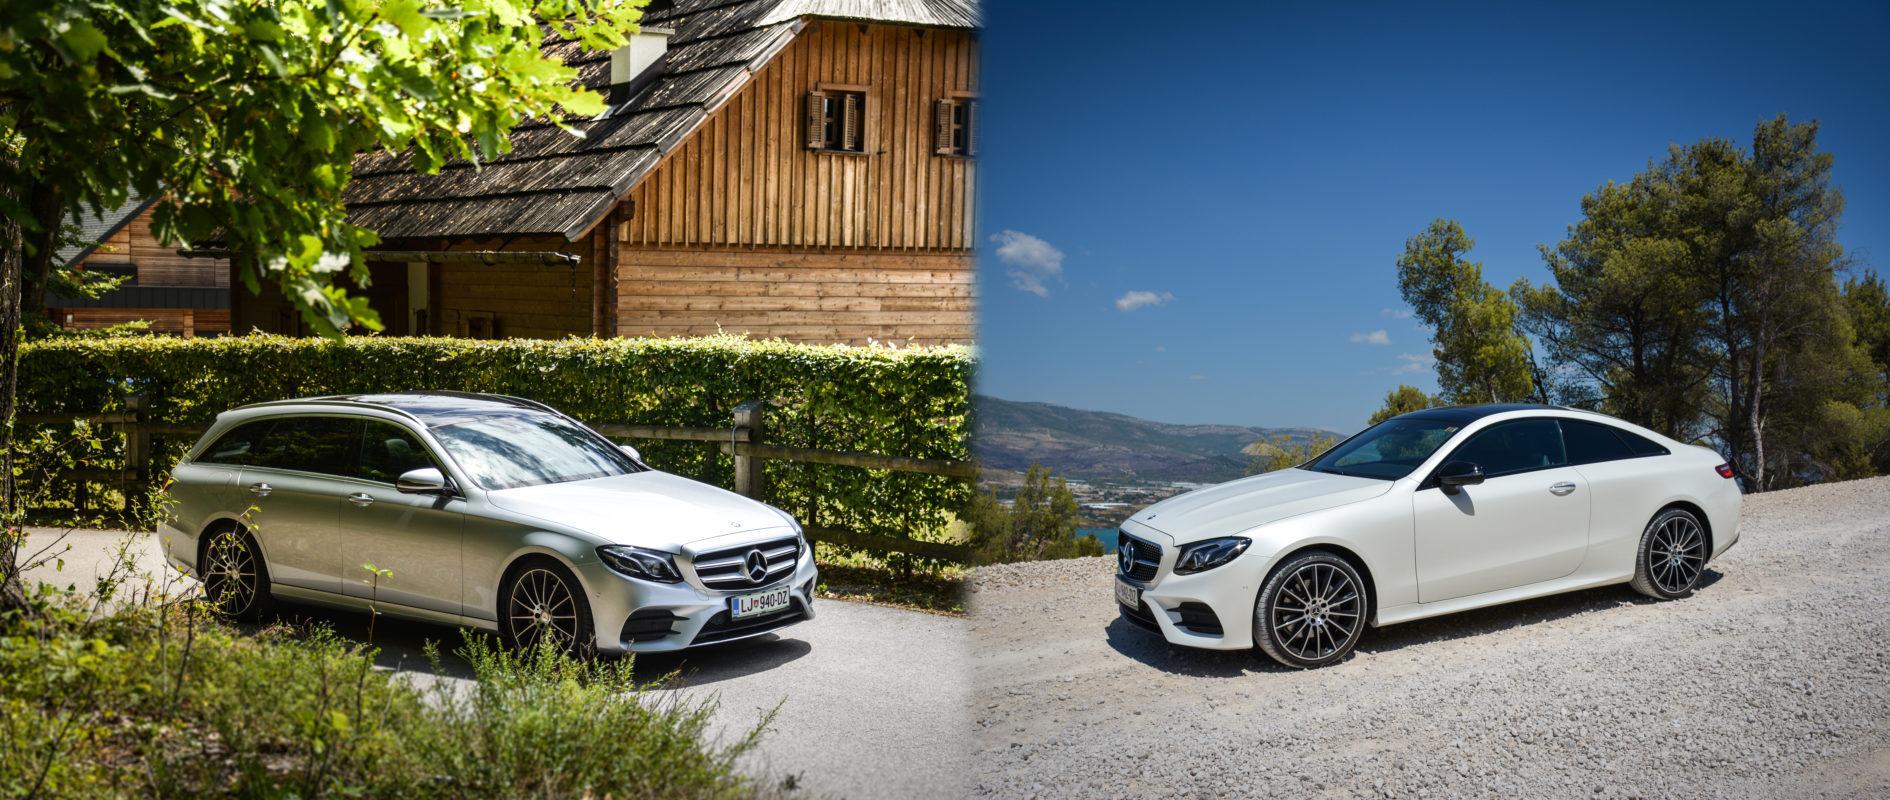 Test: Mercedes-Benz razred E 200 d (karavan in kupe za zadovoljitev različnih okusov in potreb direktorjev)